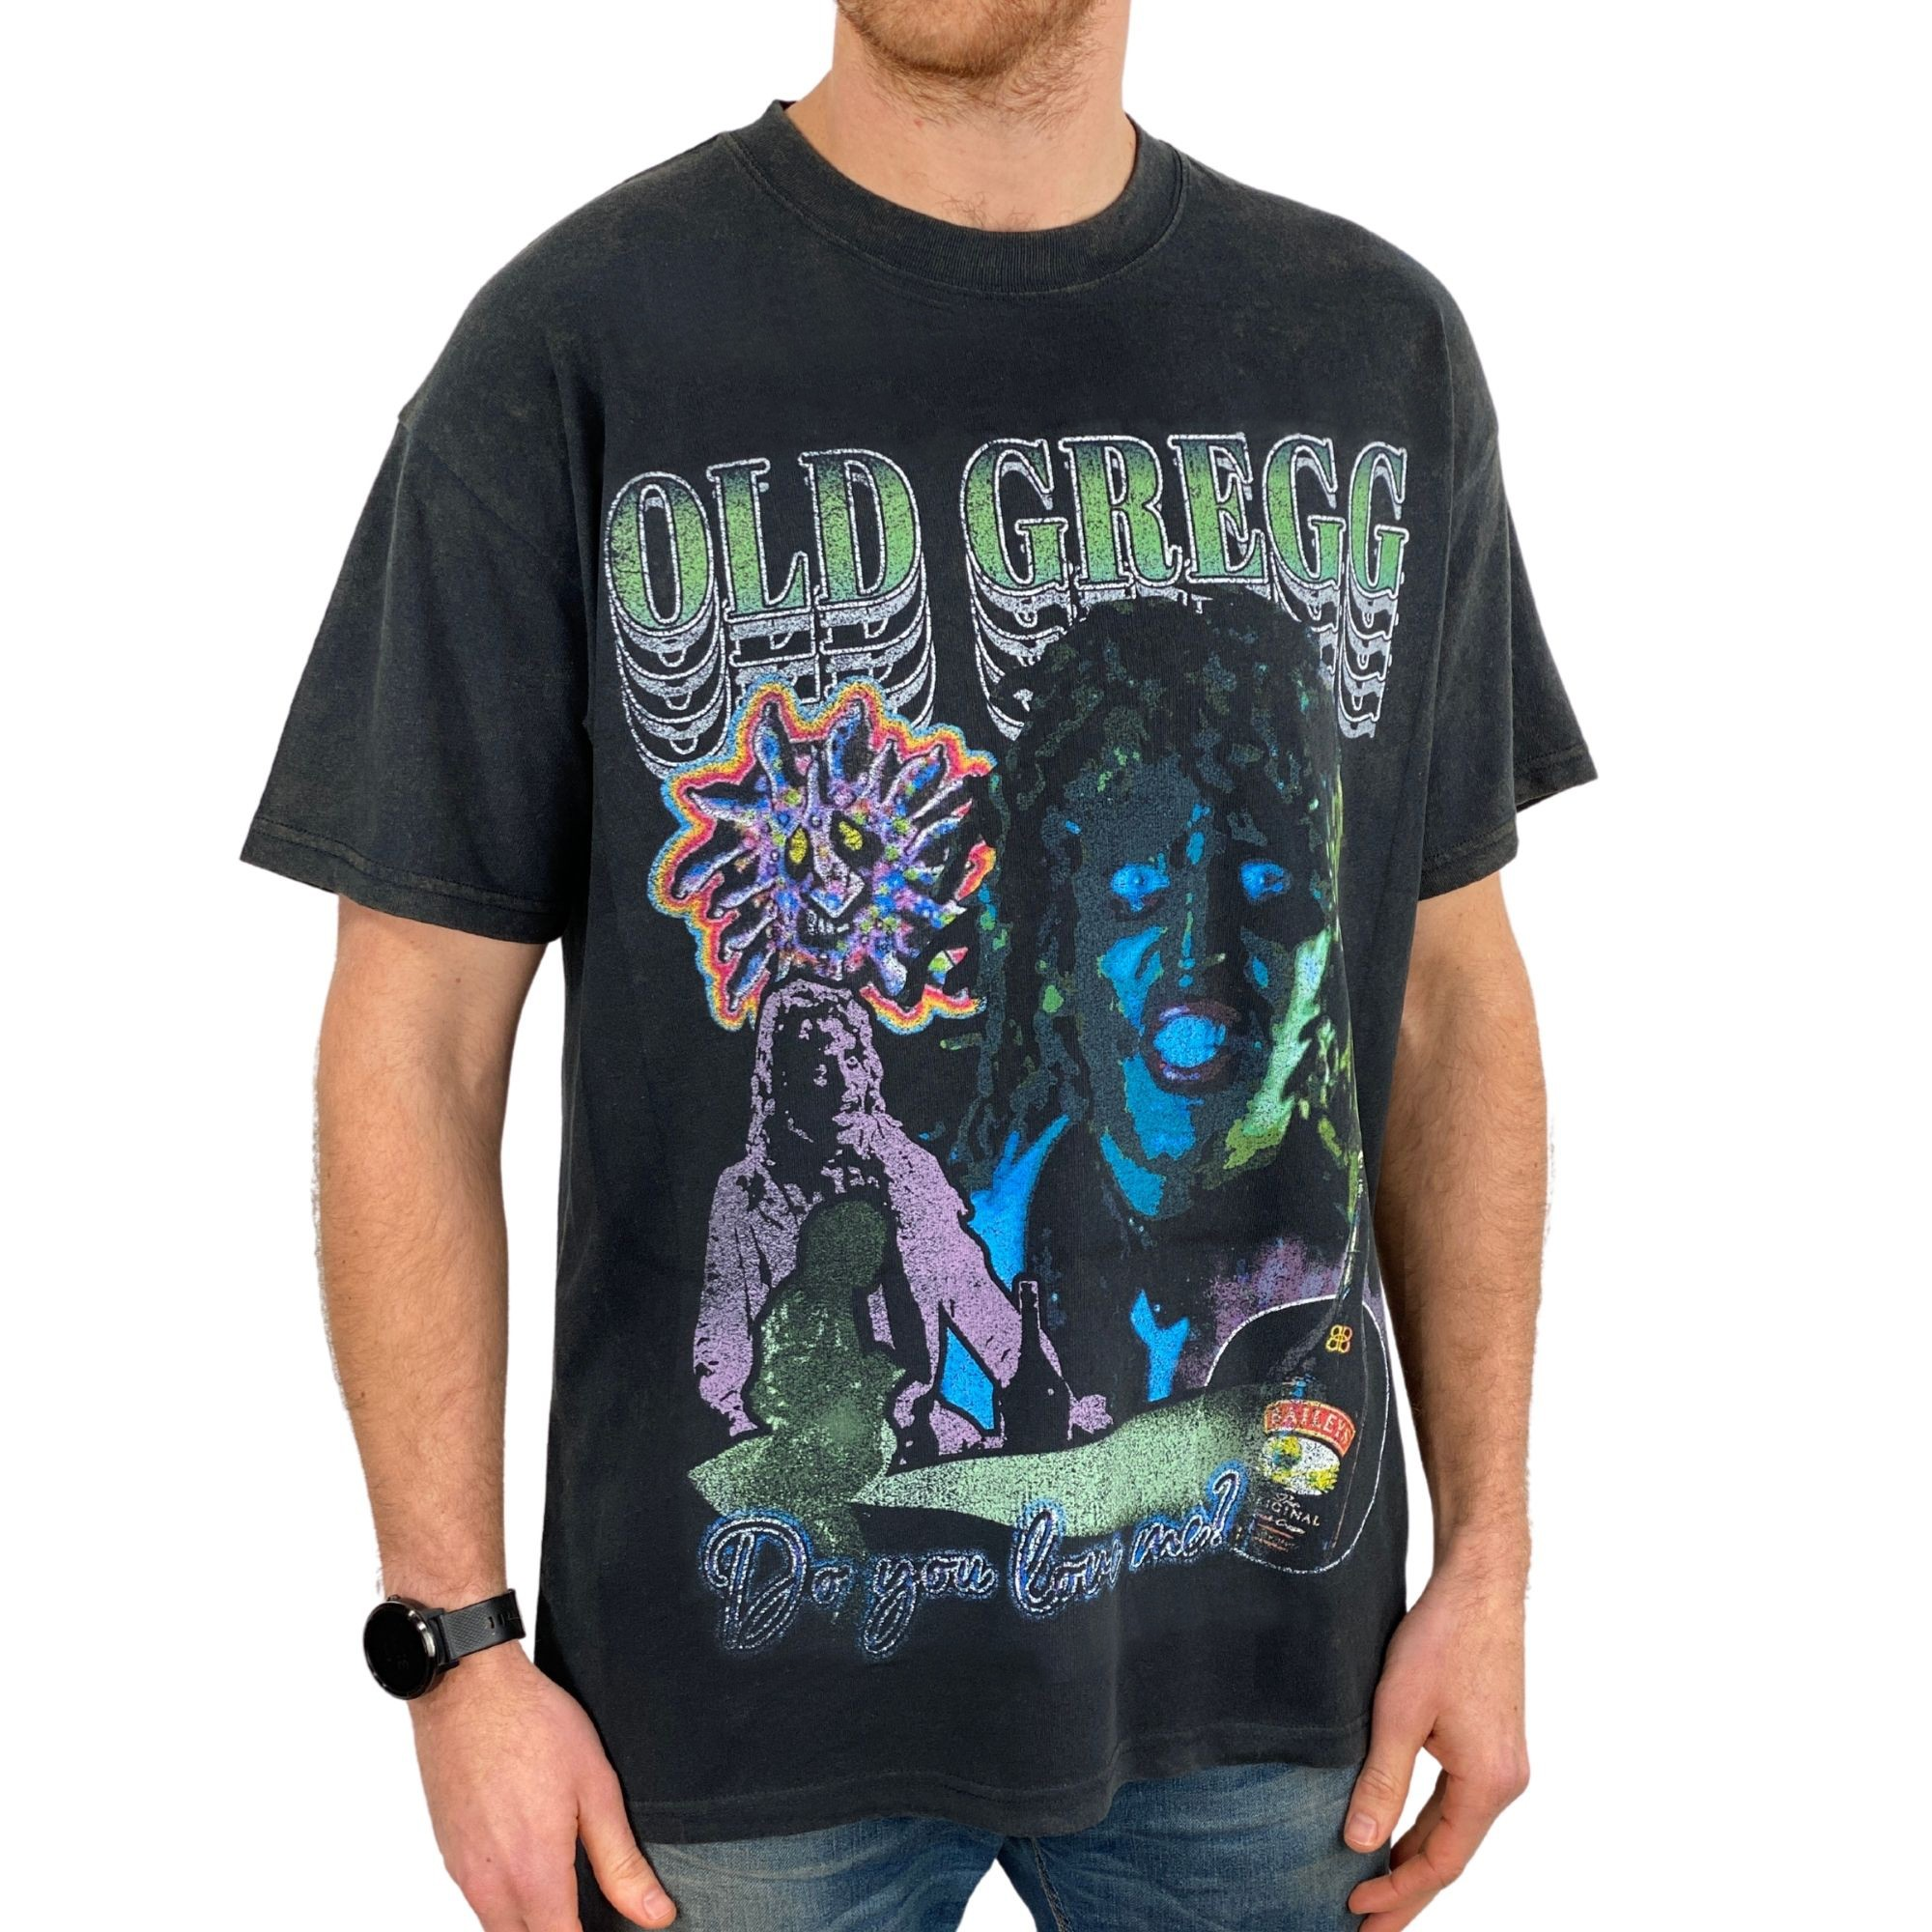 VINTAGE OLD GREGG T-SHIRT